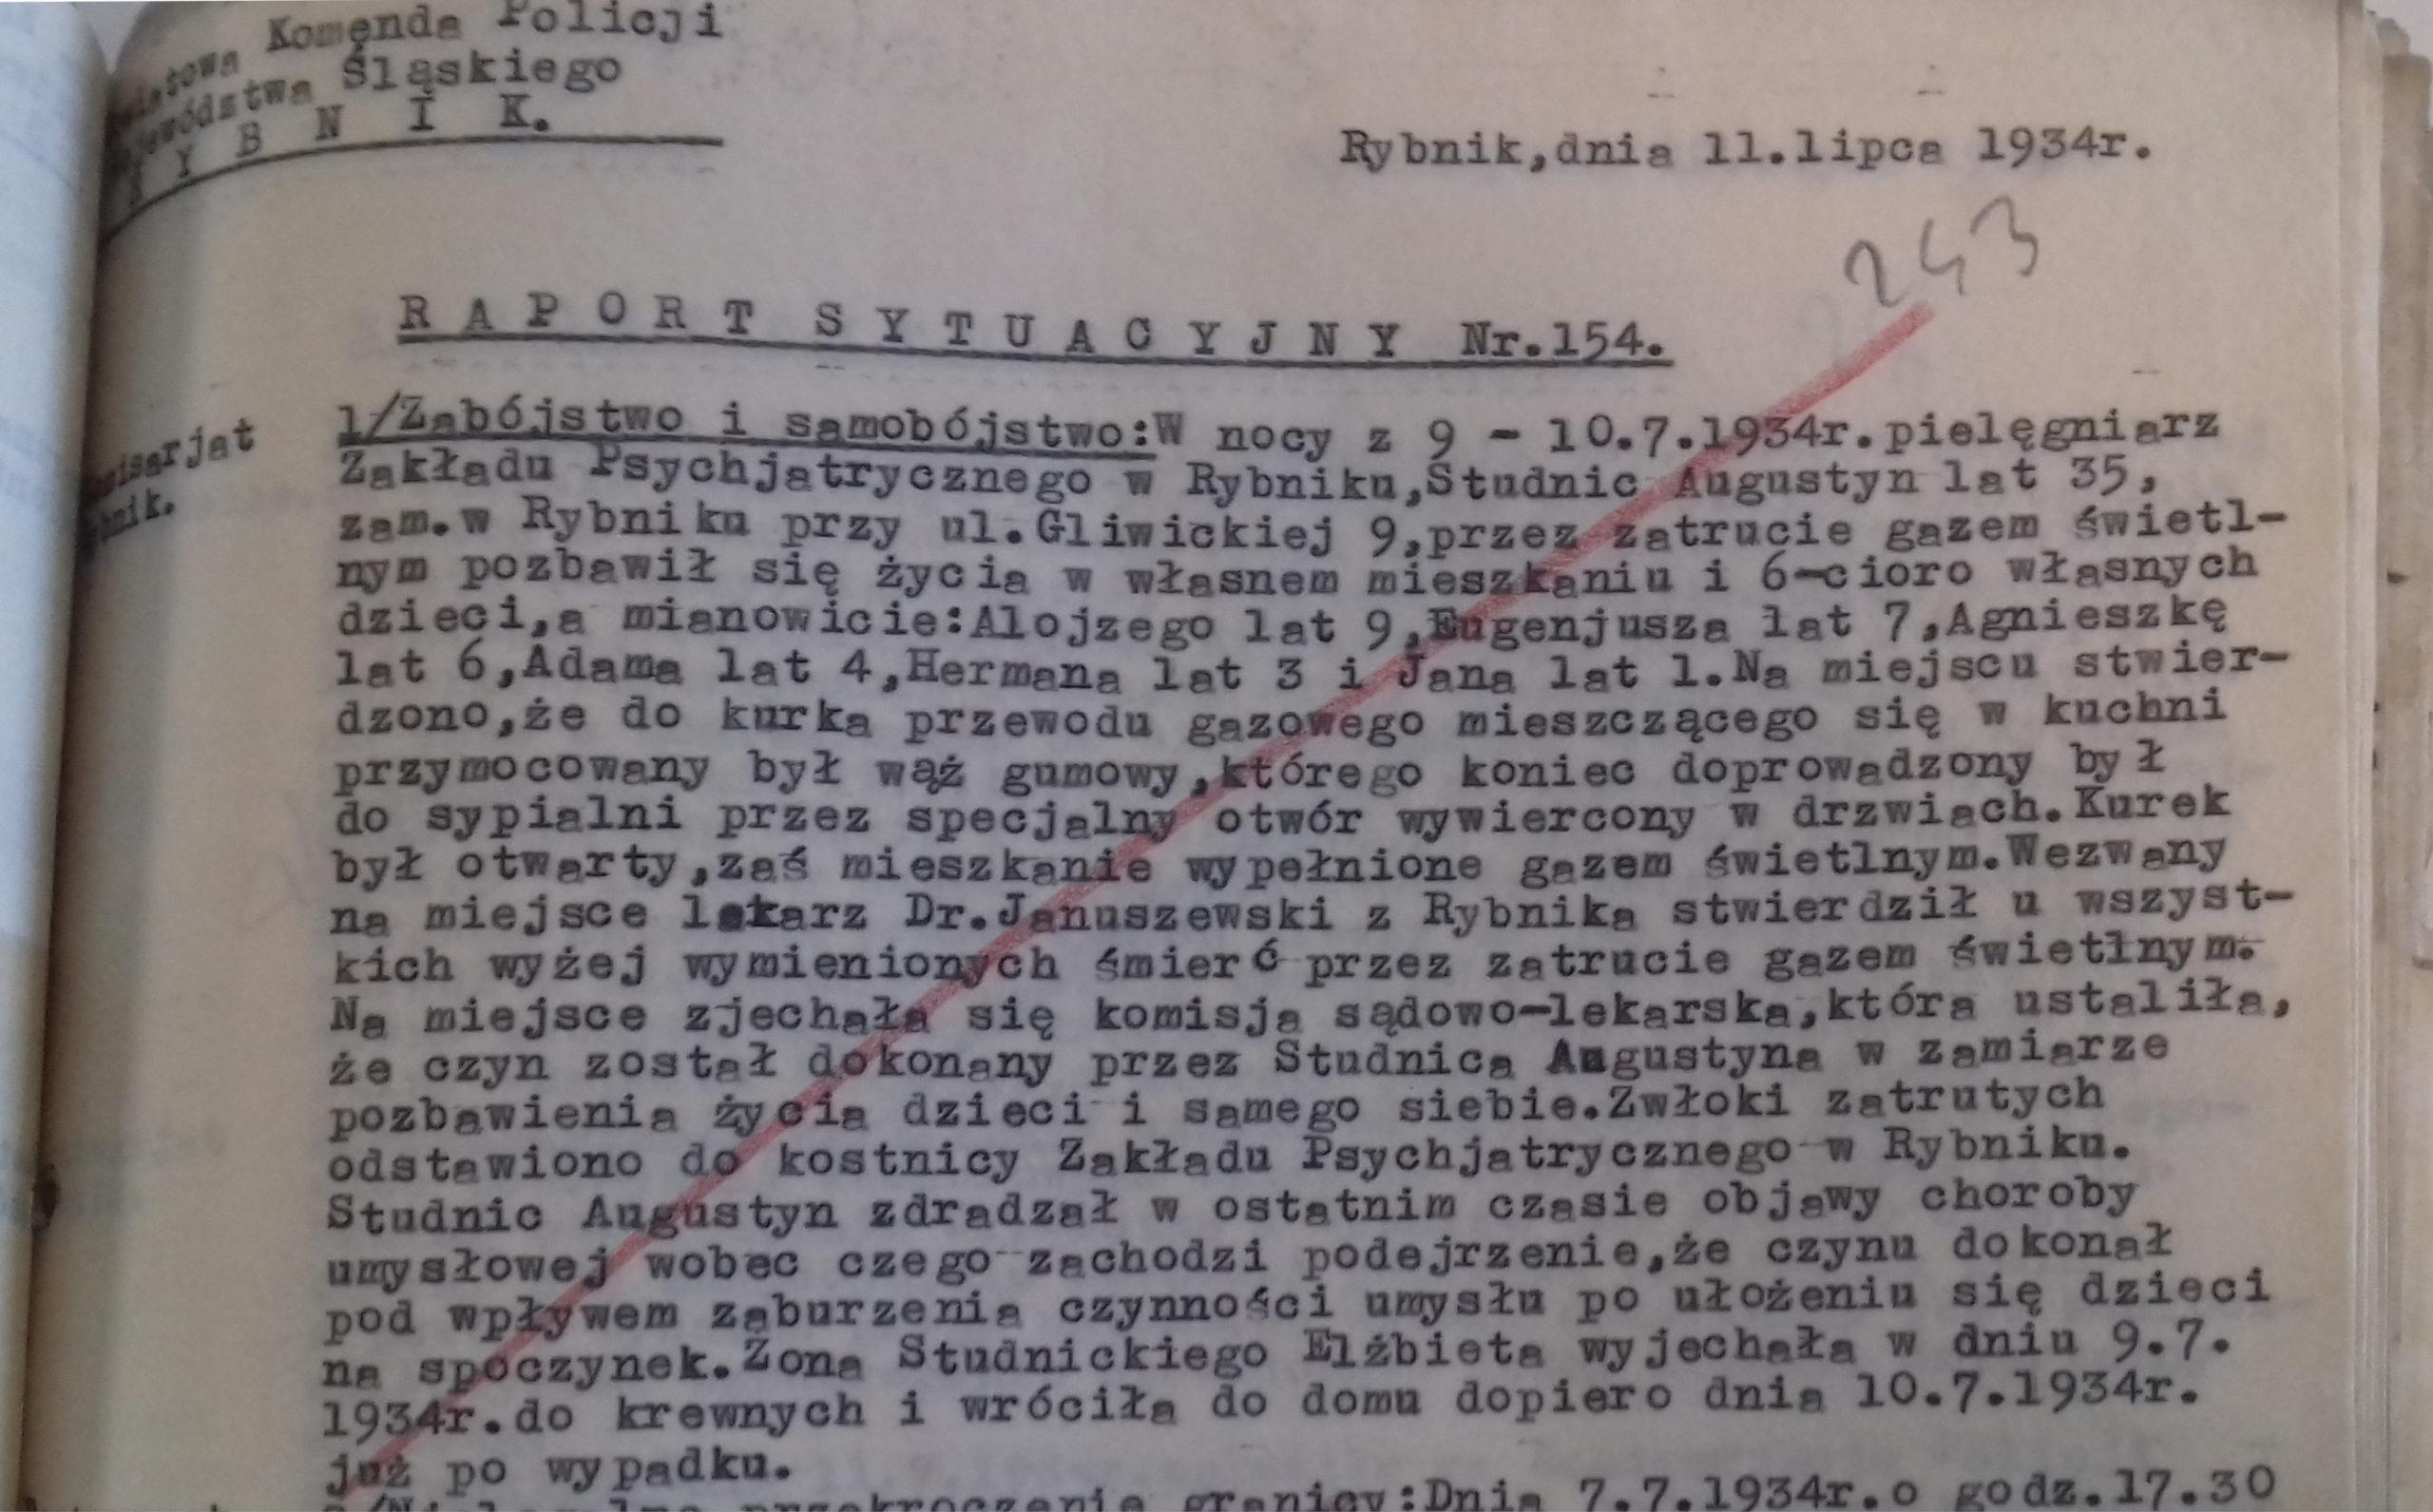 Raport sytuacyjny Komendy Powiatowej Policji w Rybniku z dn. 11.07.1934r.